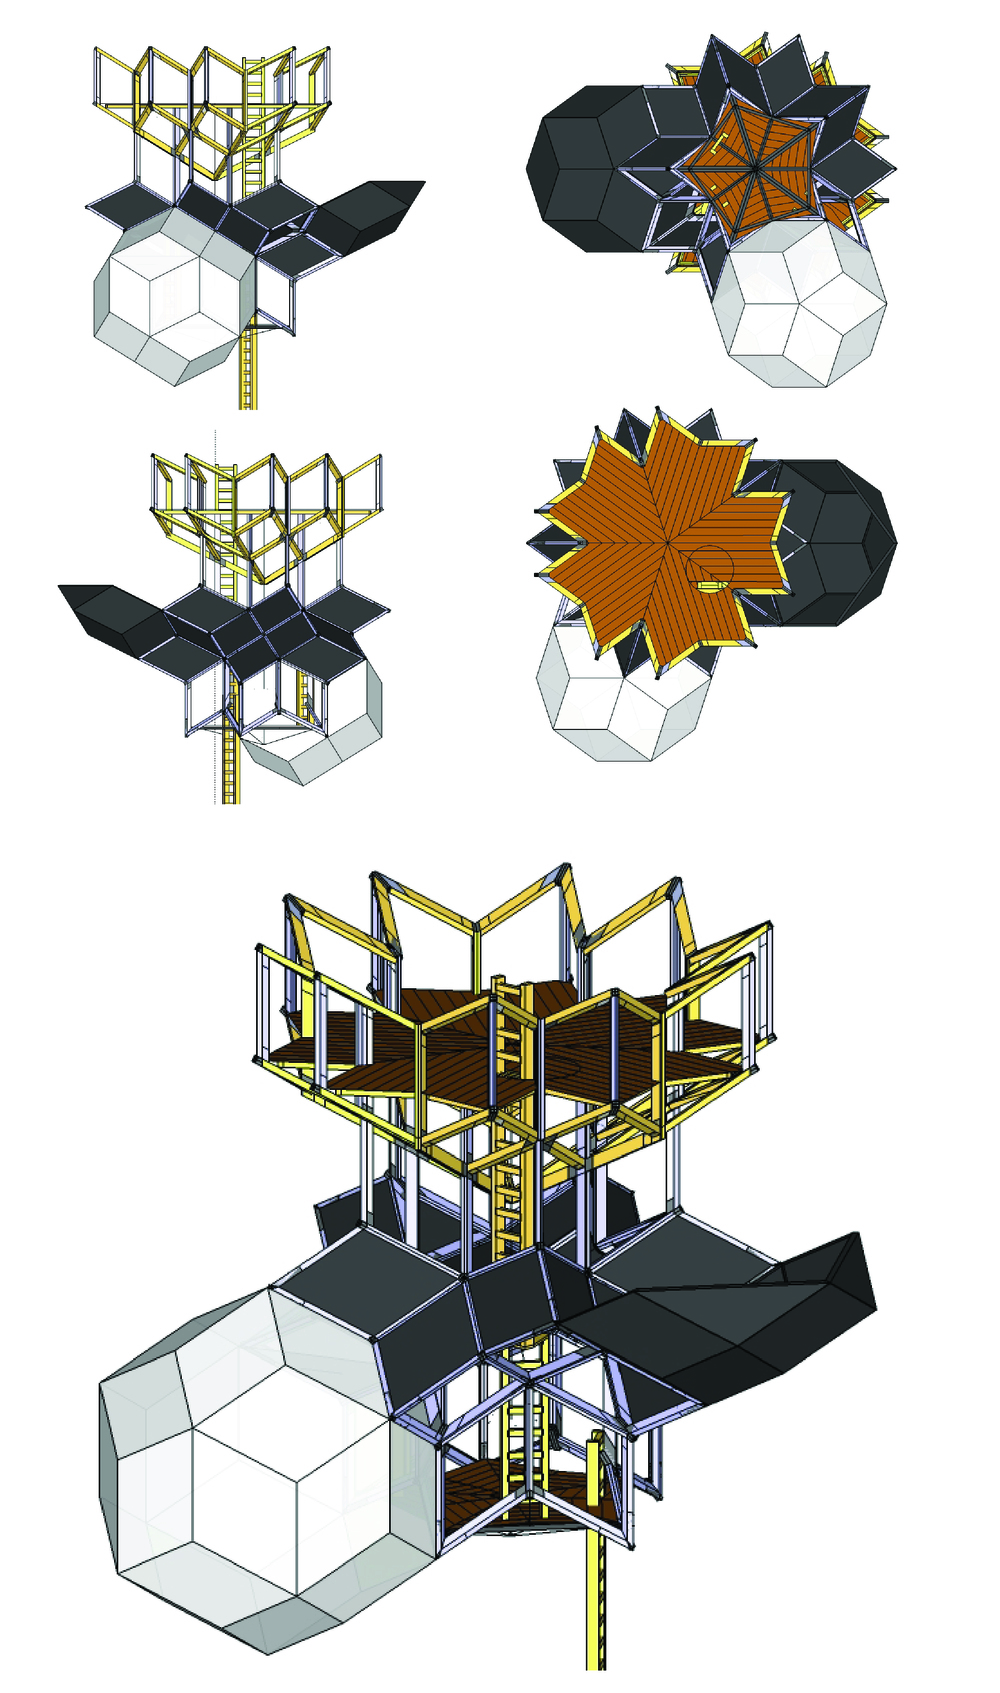 TricontahedronTreehouseDiagram-01.jpg